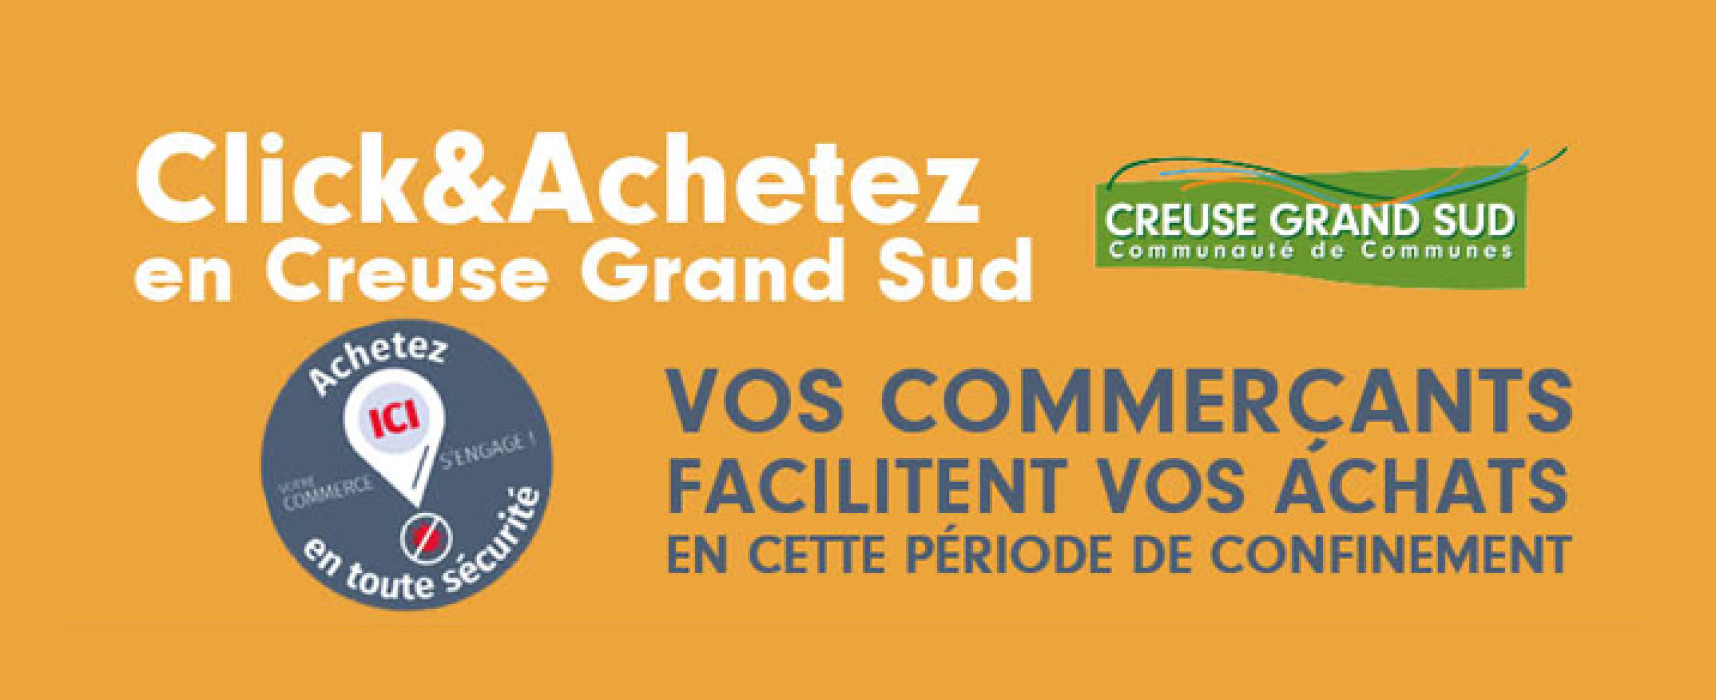 """Annuaire des commerces du territoire Creuse Grand Sud en mode """"Click&Achetez"""" #Covid19 #Nov2020"""